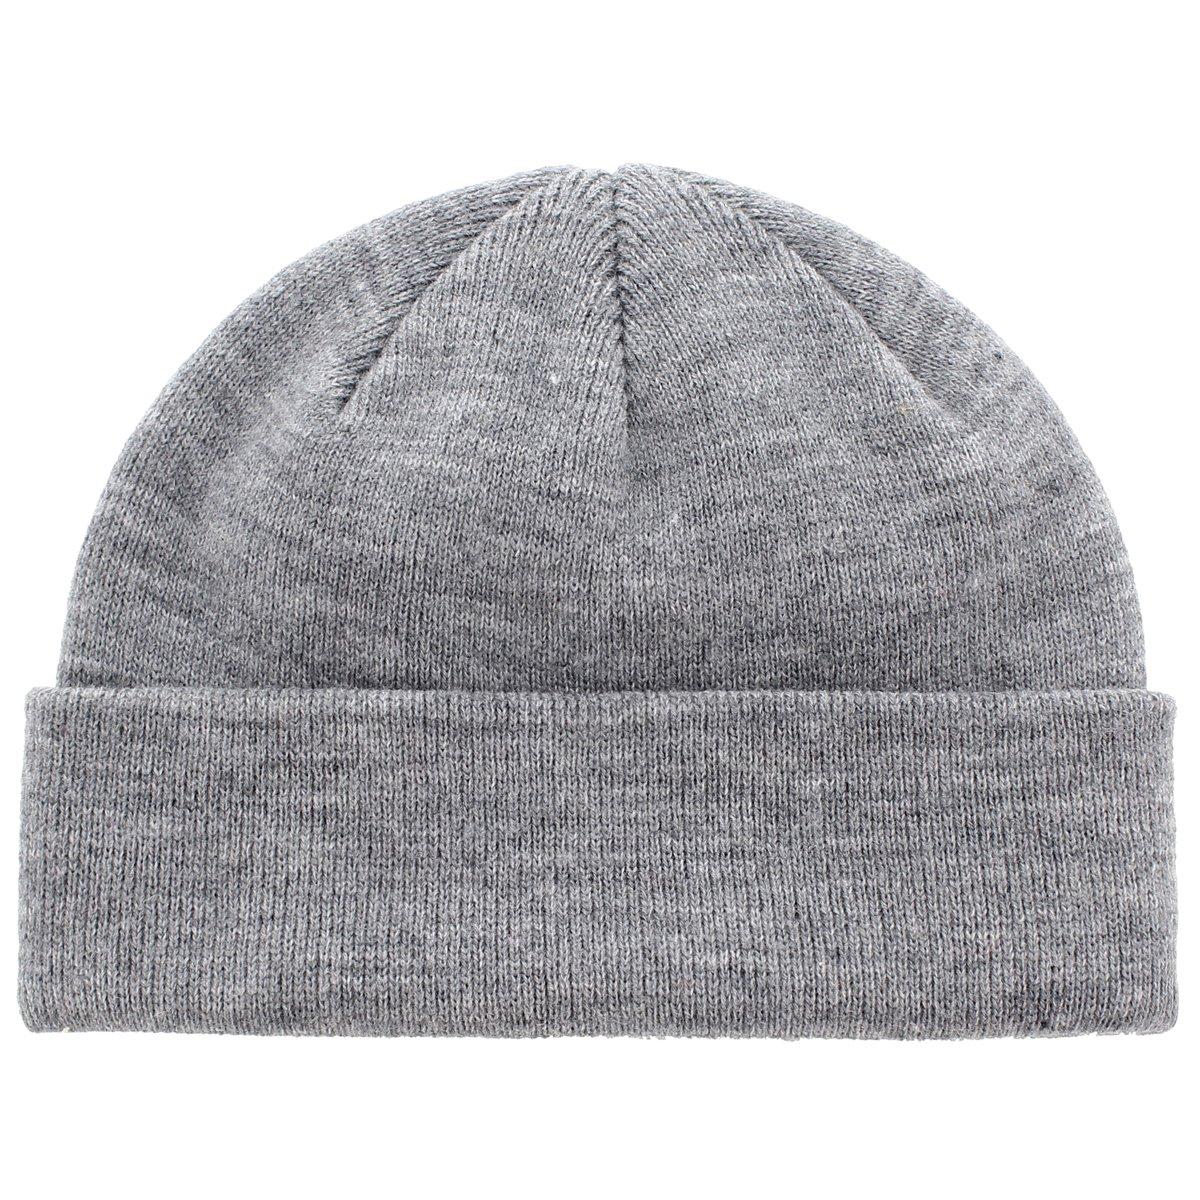 9d34cdad3da adidas Mens Originals Starboard Knit Beanie Black One Size Agron Hats     Accessories 976055